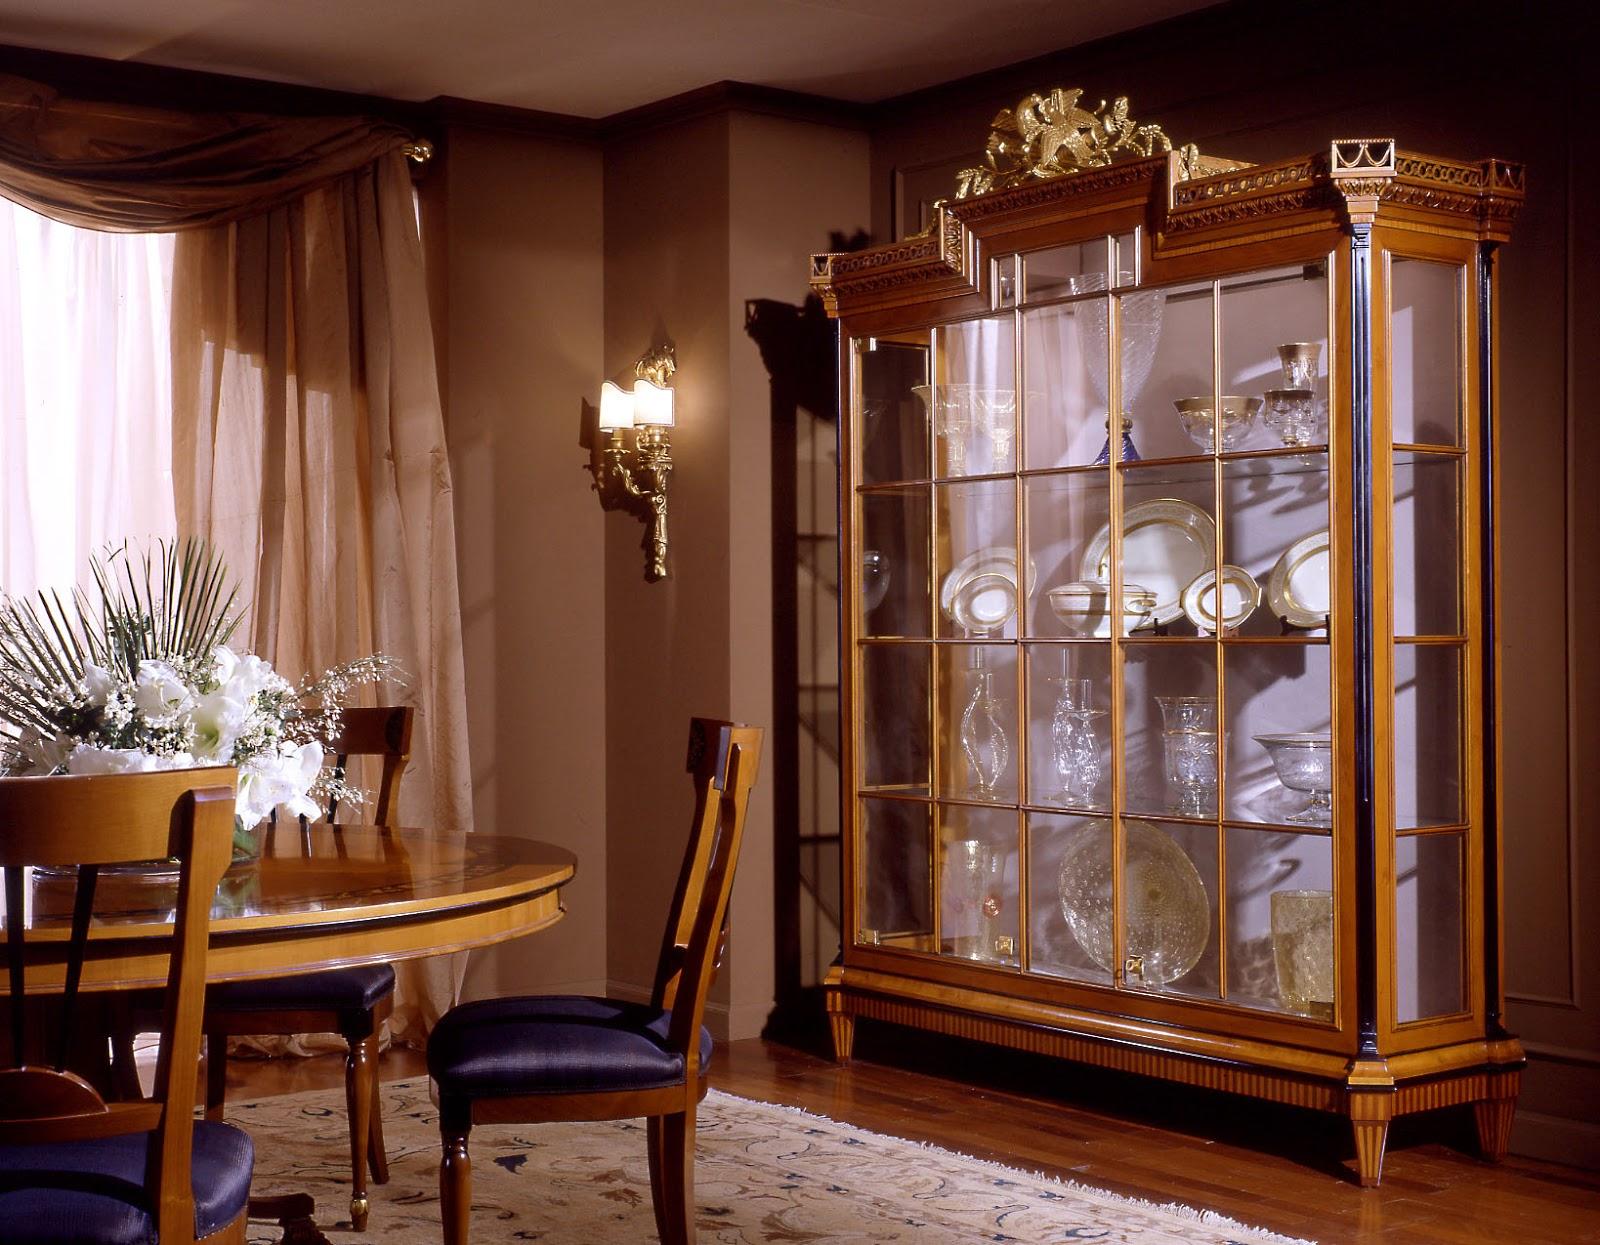 El rinc n del coit n agosto 2015 for Arredare con mobili antichi